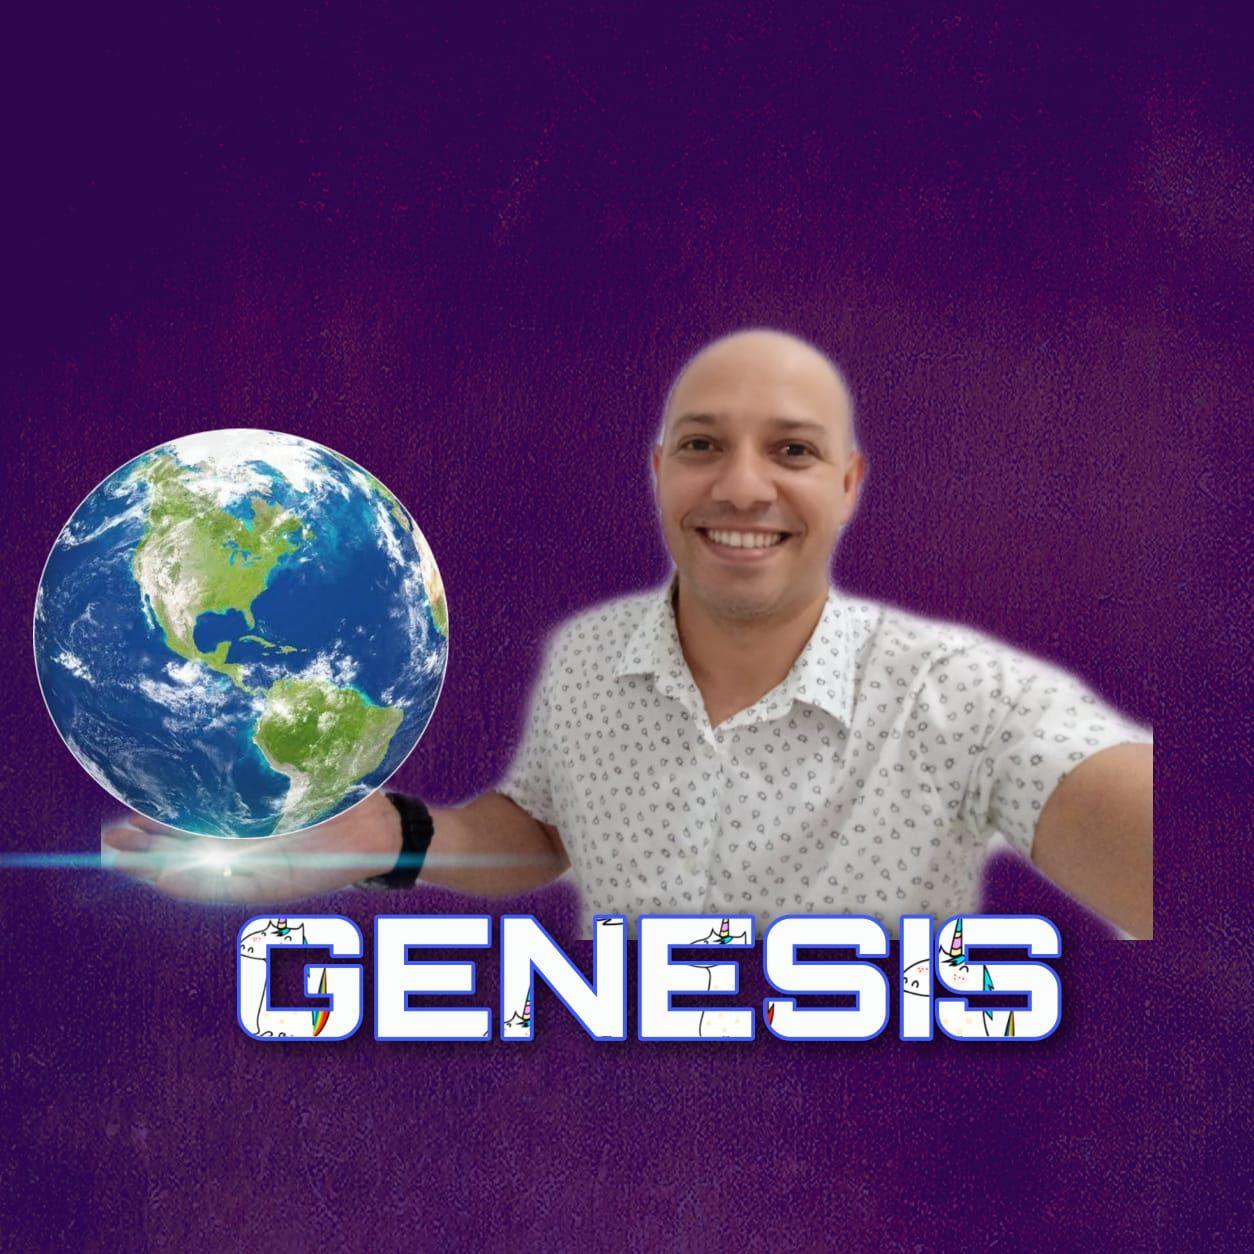 Curso Teologia: Introdução à Bíblia + Livro de Gênesis